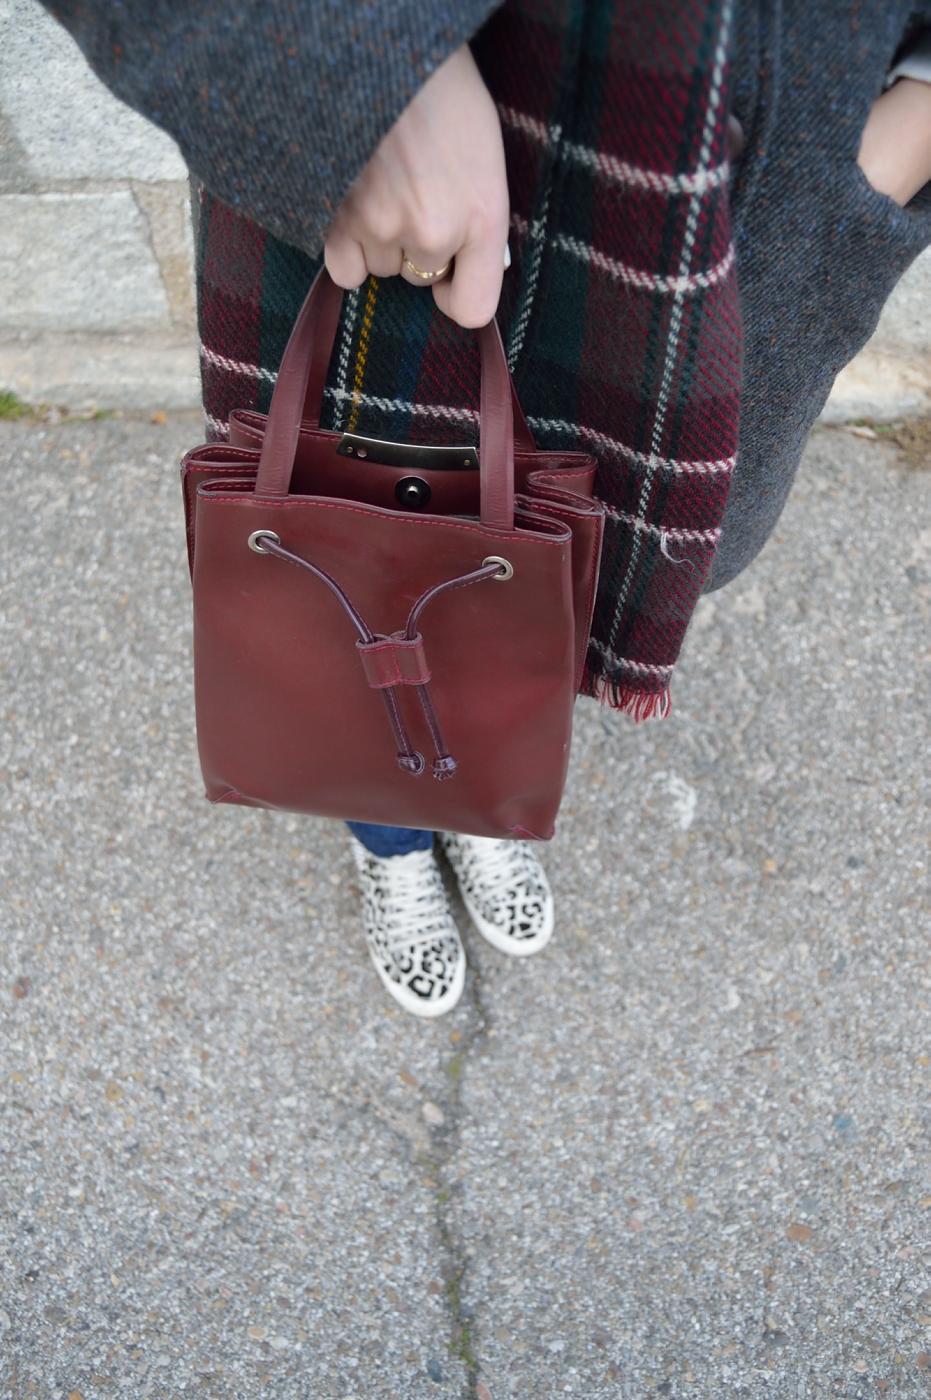 lara-vazquez-madlula-style-ootd-streetstyle-fashion-details